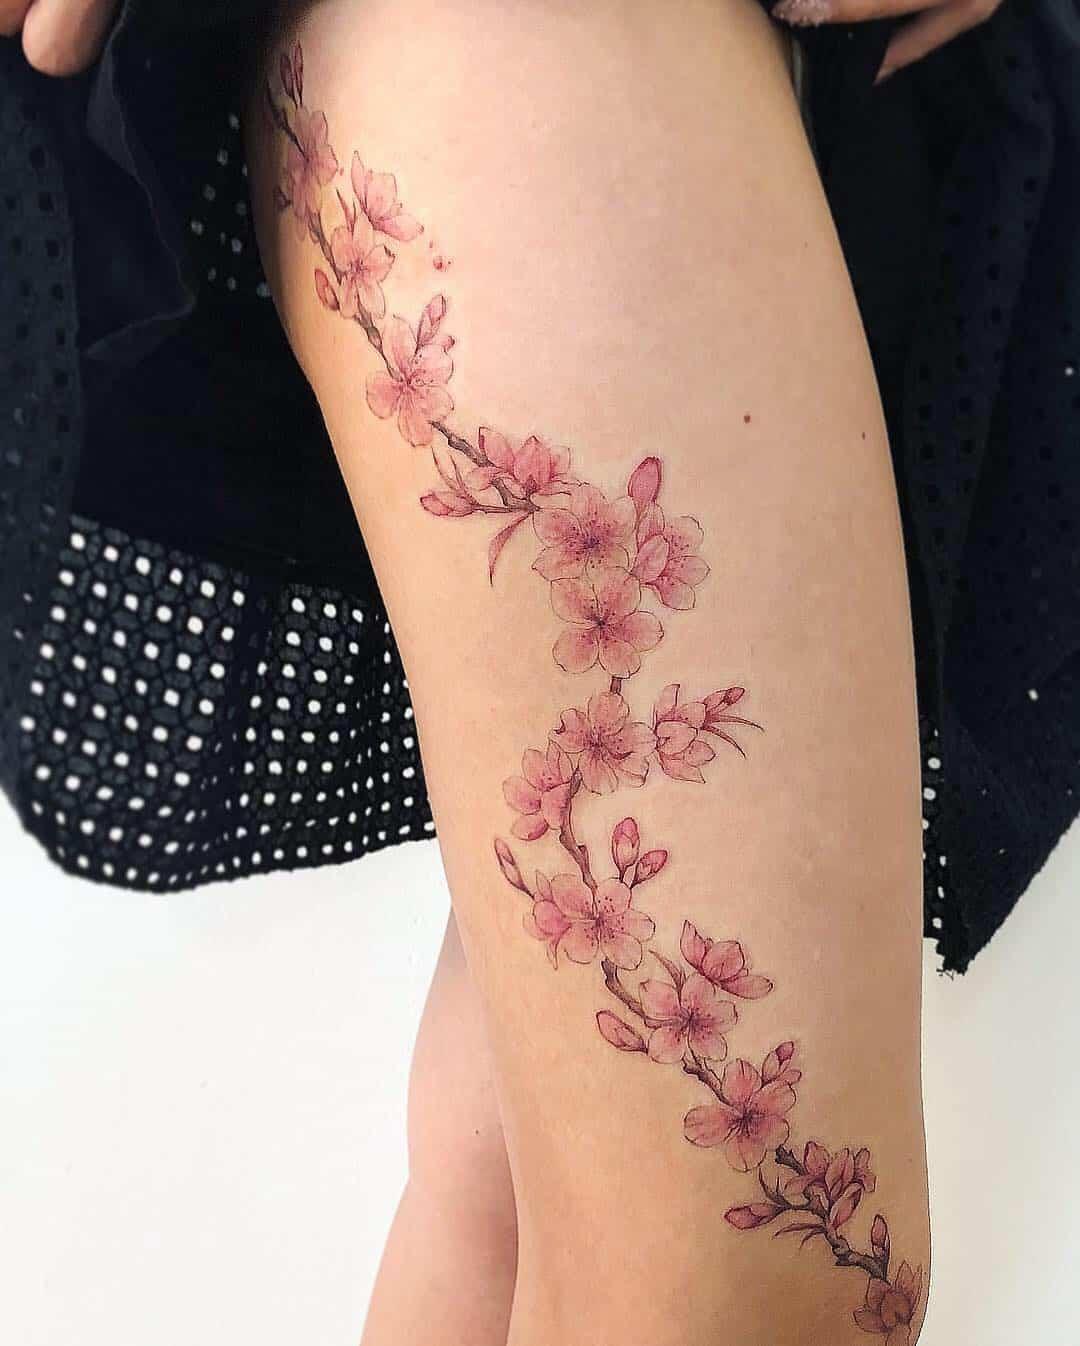 tattoo fiore di pesco by @tattoojune